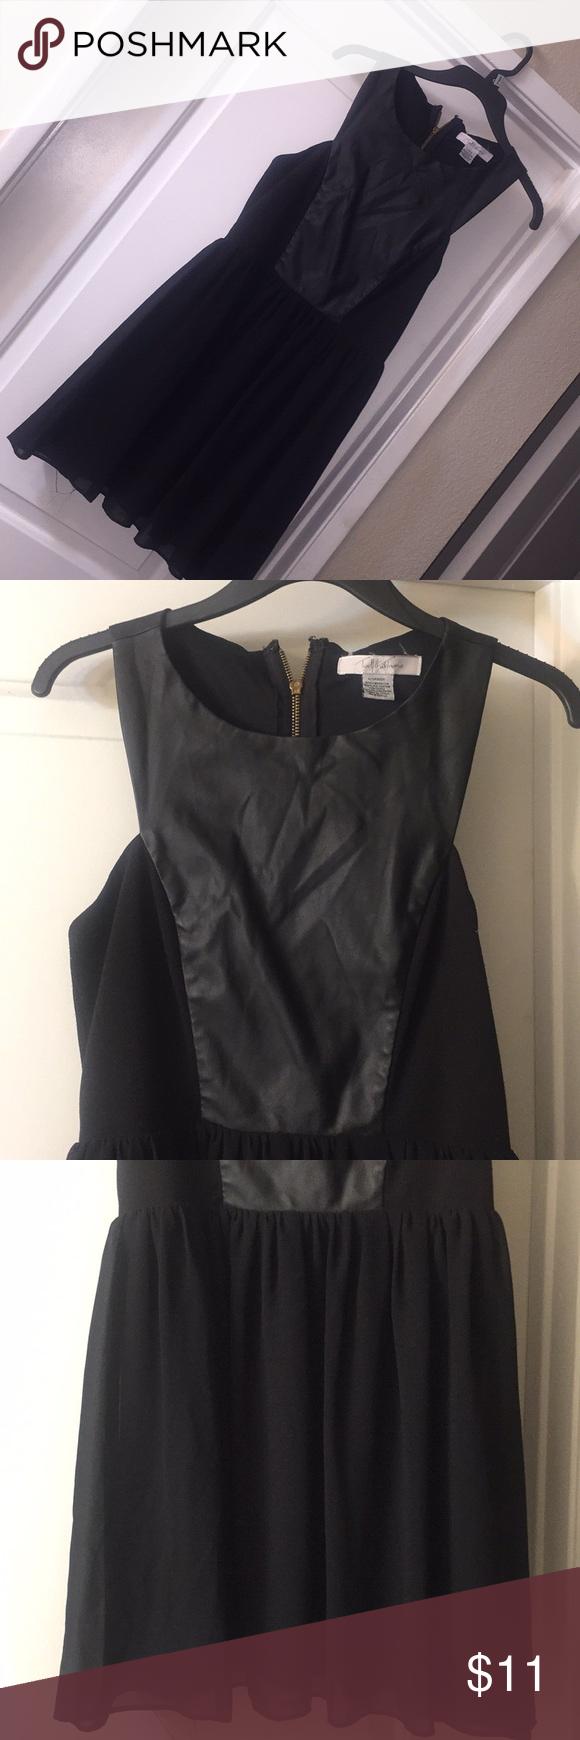 Sz L Twelfth & Towne lil black dress Sz L Twelfth & Towne lil black